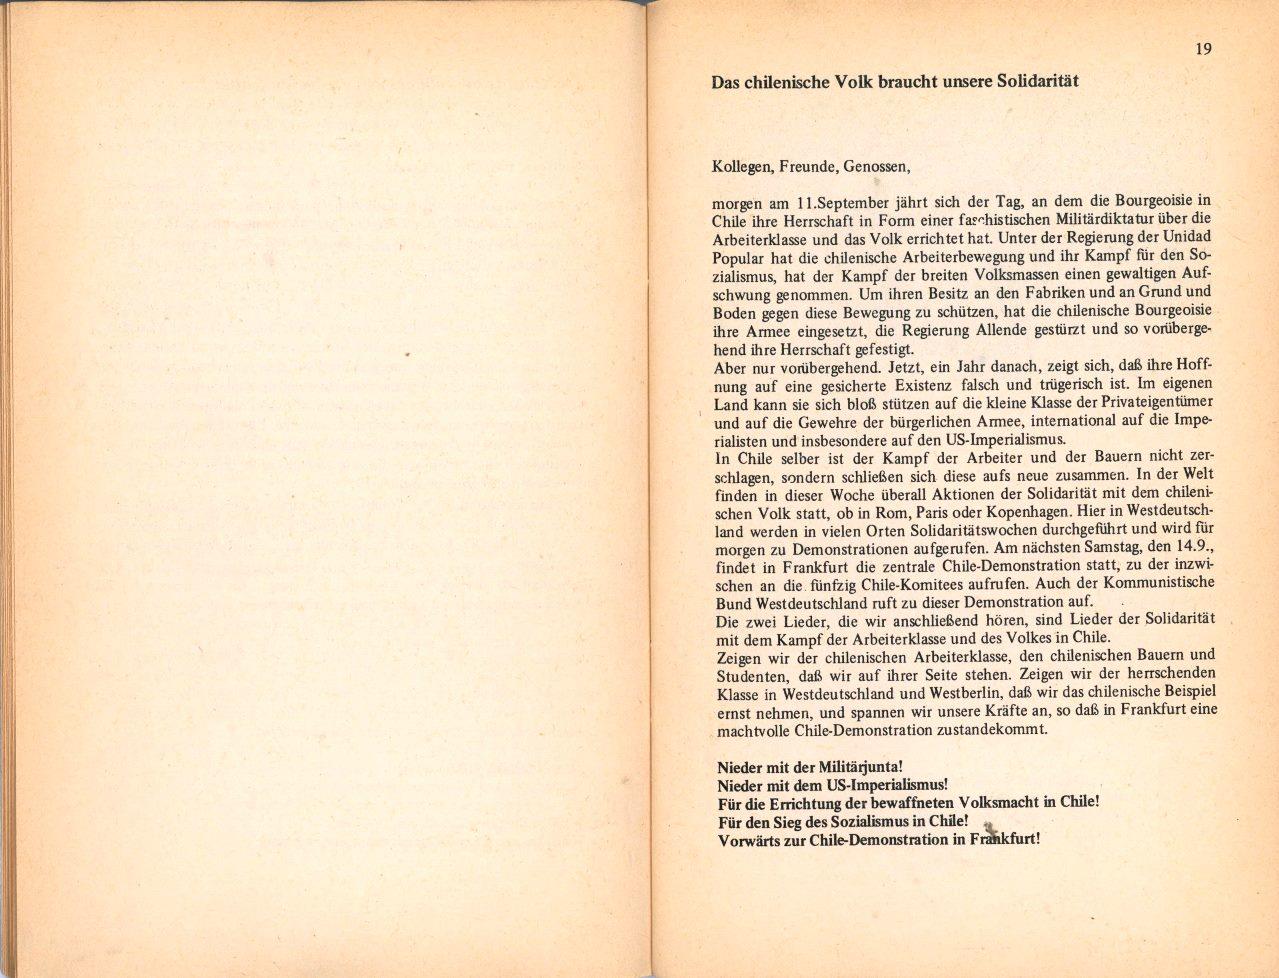 Hessen_KBW_LTW_Kundgebung_in_Wiesbaden_30_09_1974_11